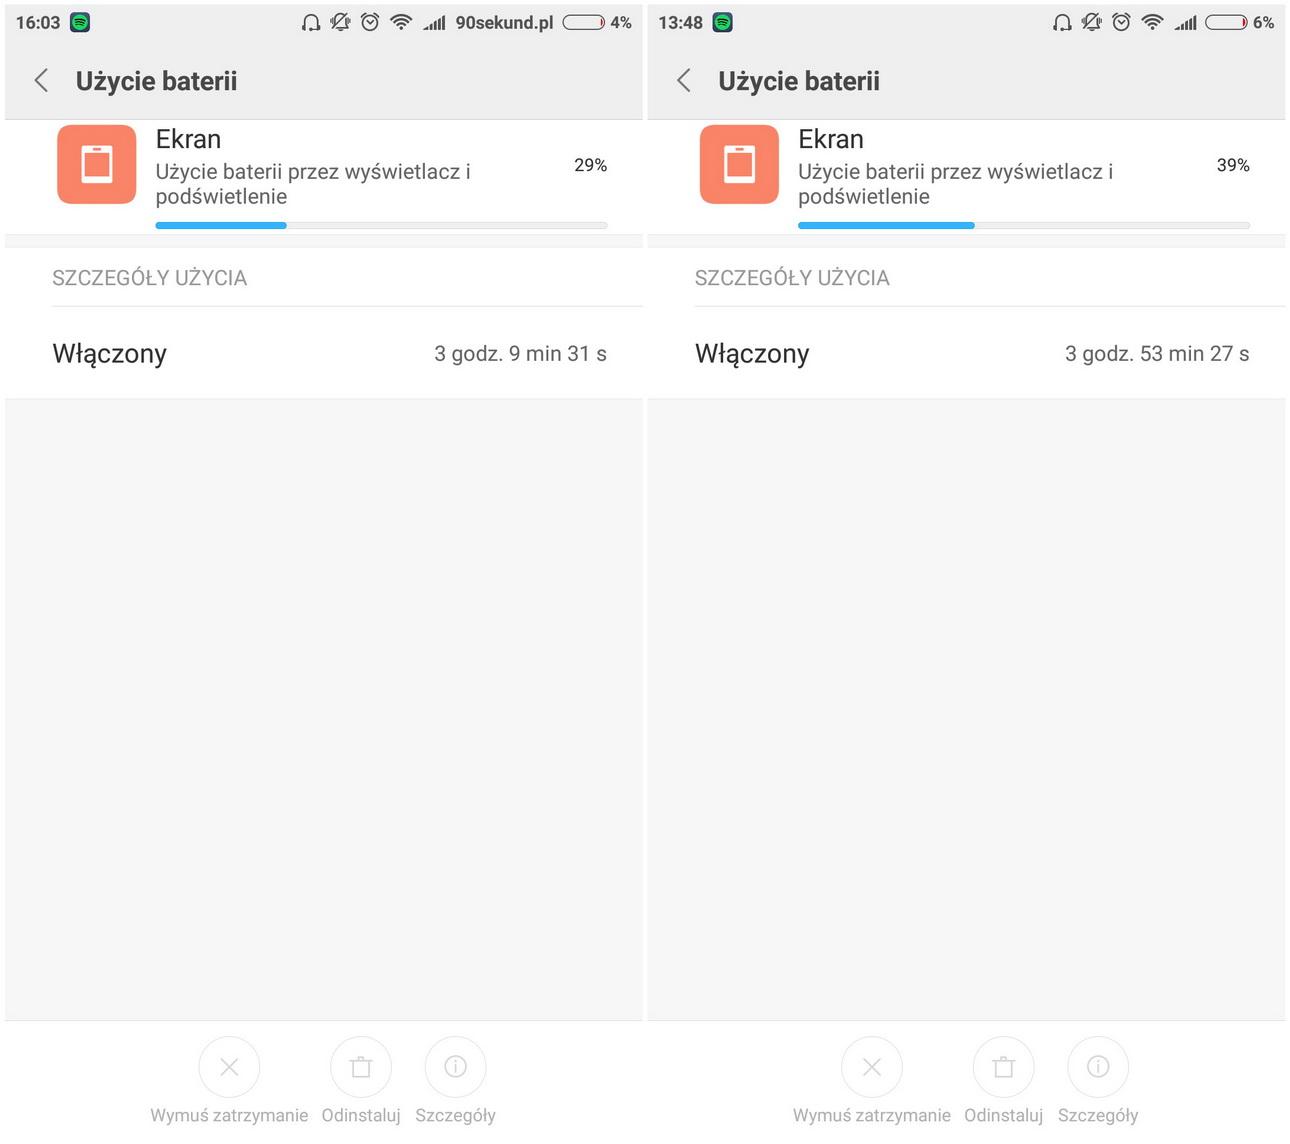 Xiaomi Mi5 - Przykładowe zużycie baterii - recenzja 90sekund.pl